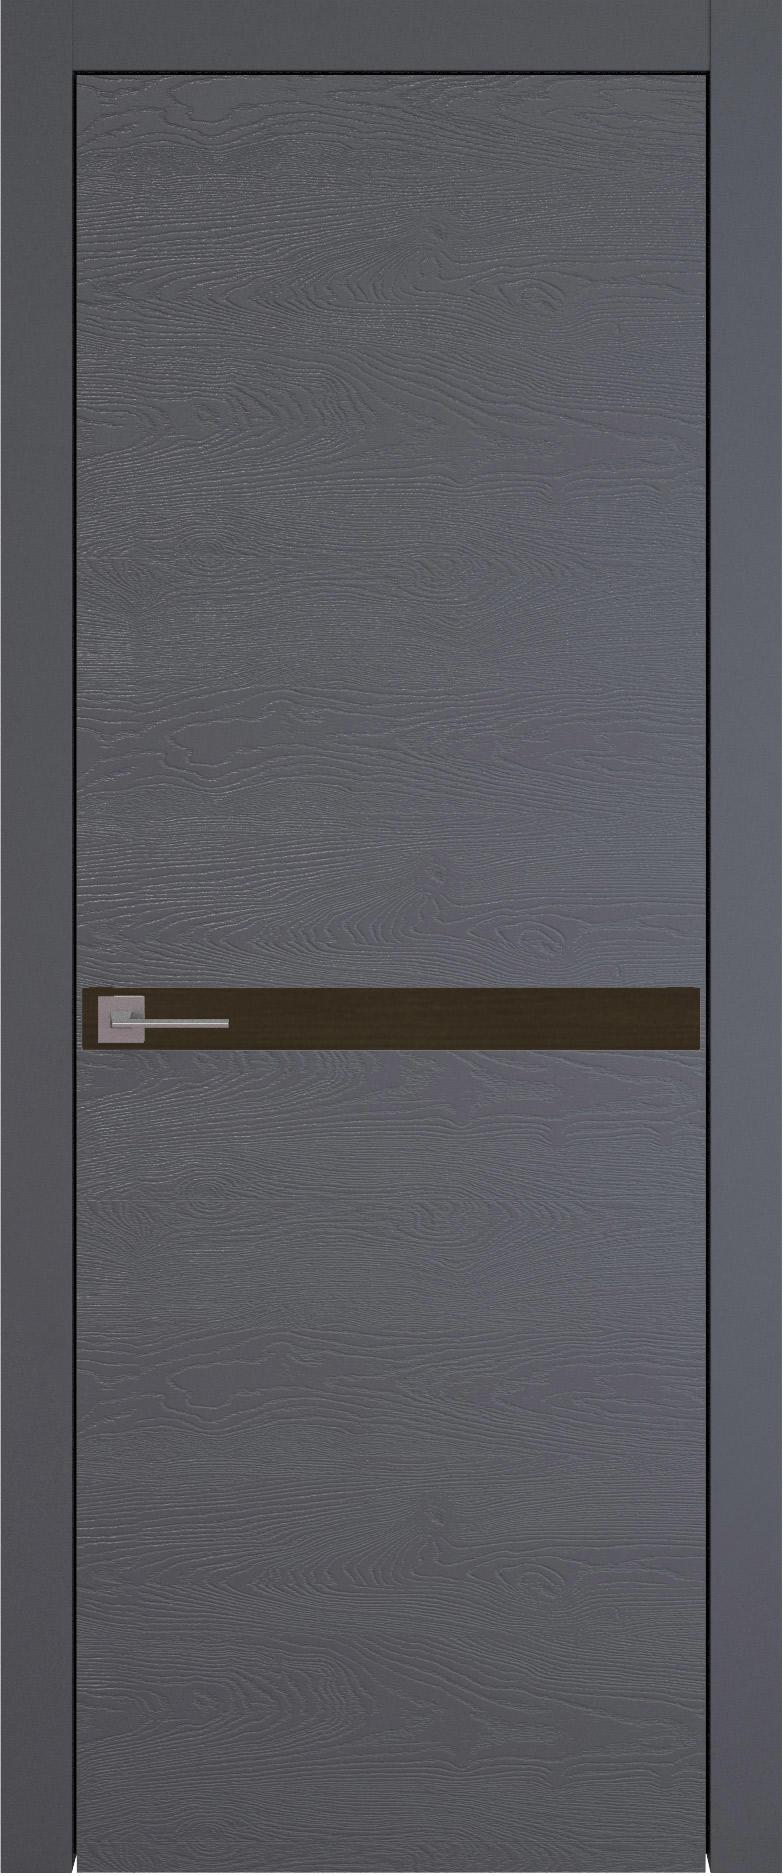 Tivoli Б-4 цвет - Графитово-серая эмаль по шпону (RAL 7024) Без стекла (ДГ)